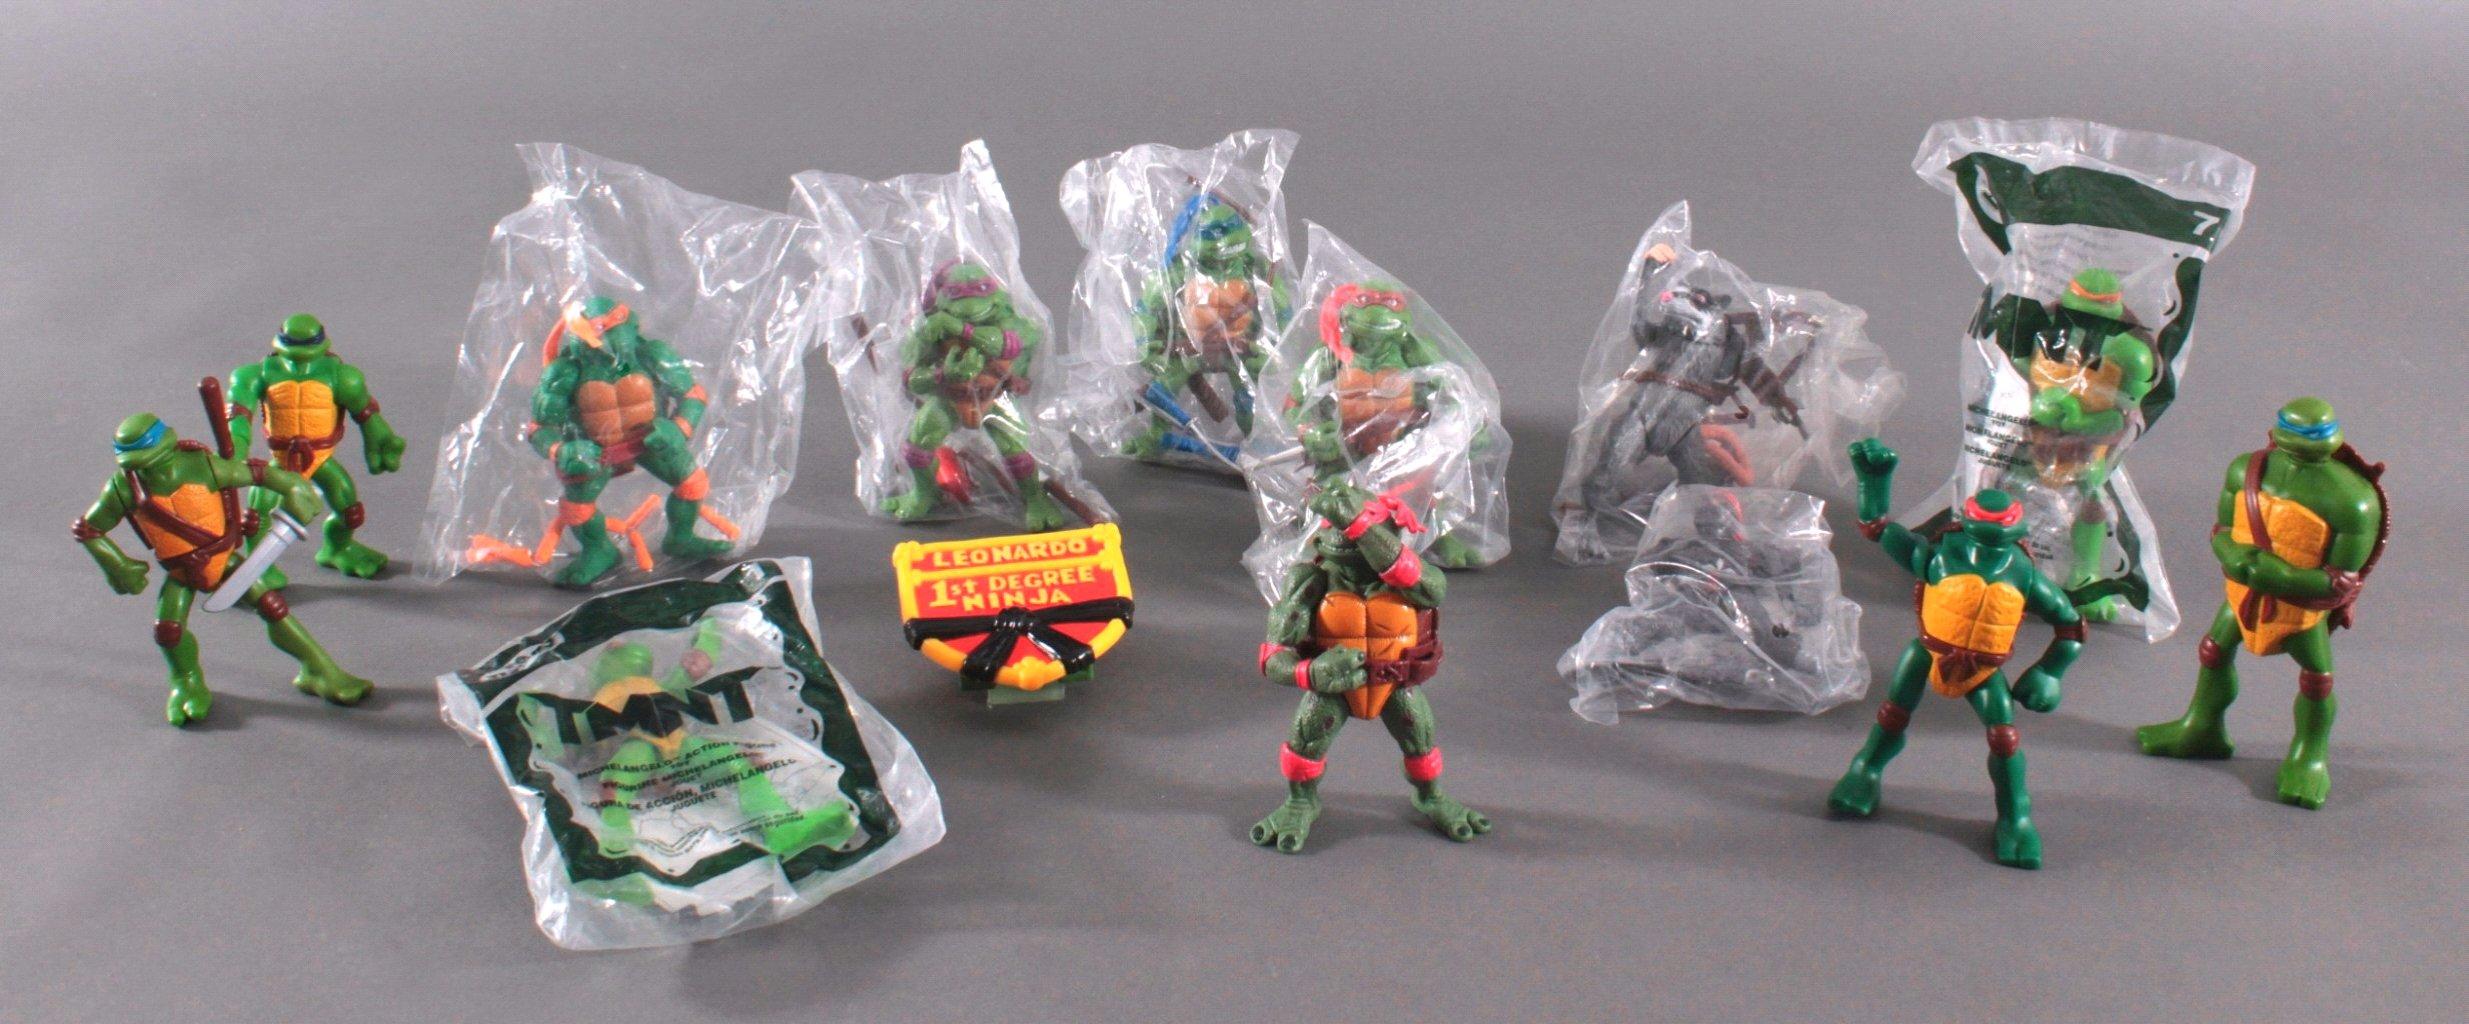 Konvolut Teenage Mutant Ninja Turtles 14 Stück